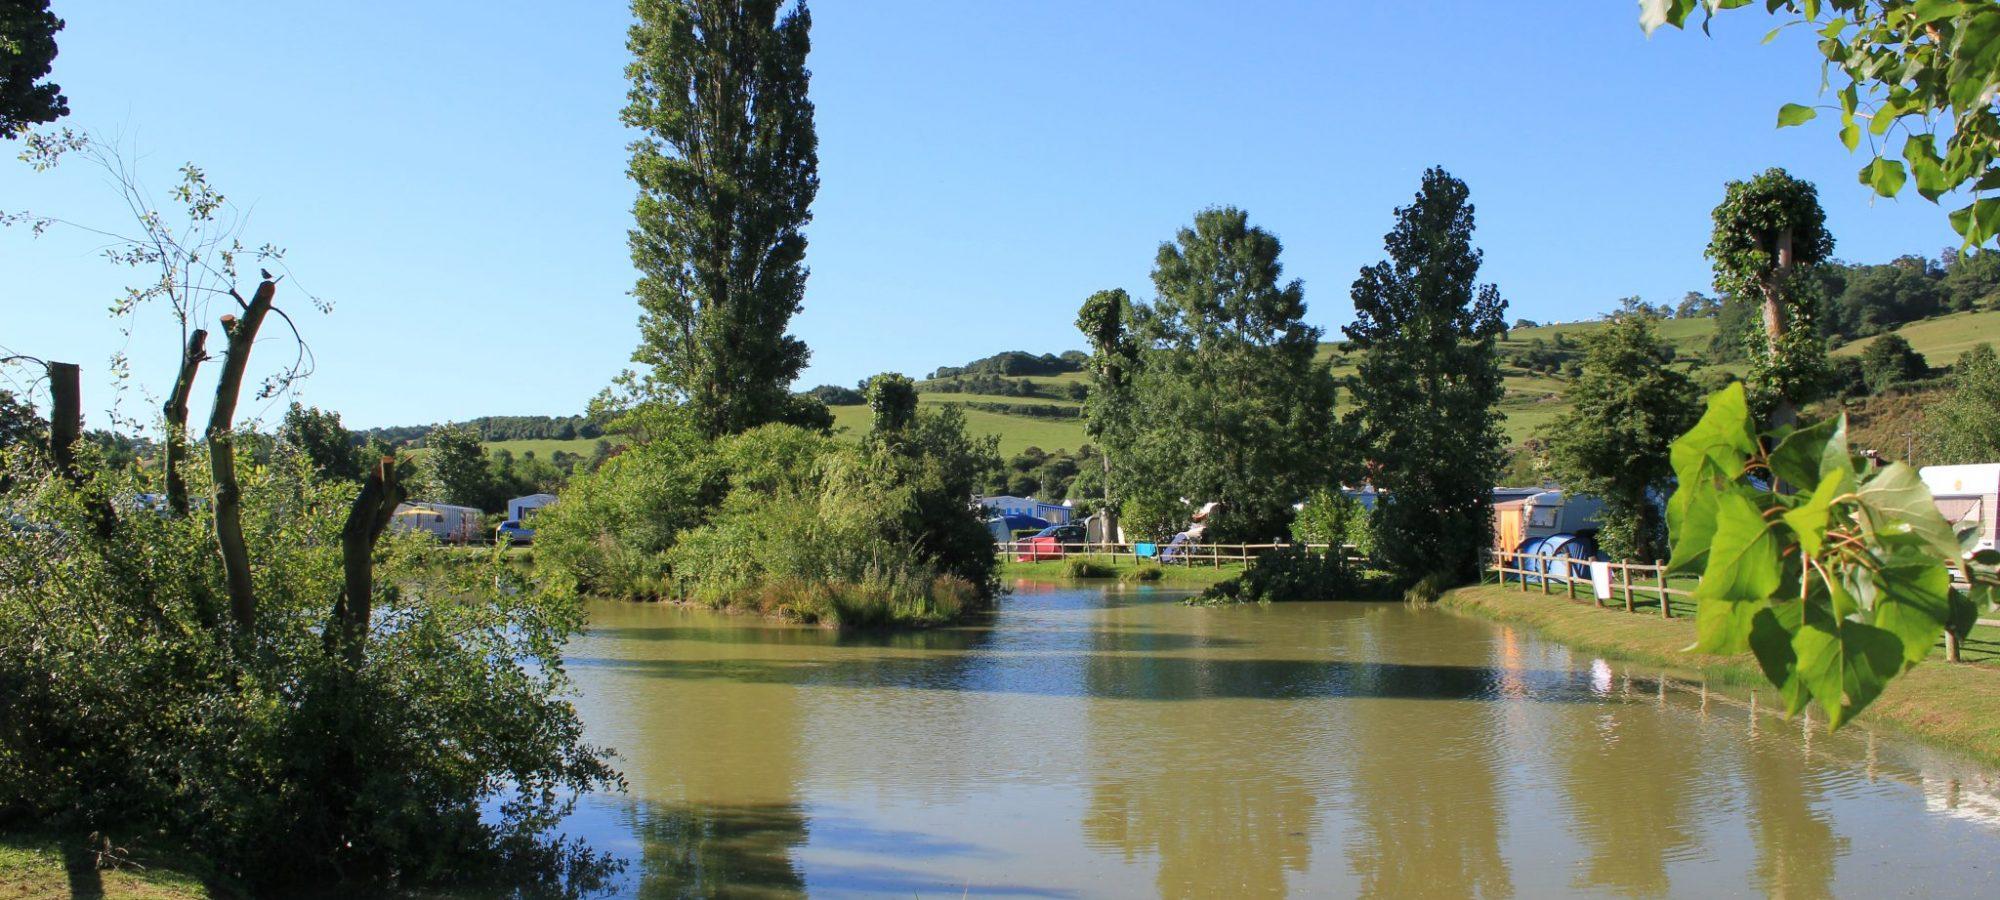 Camping normandie avec étang : pêche